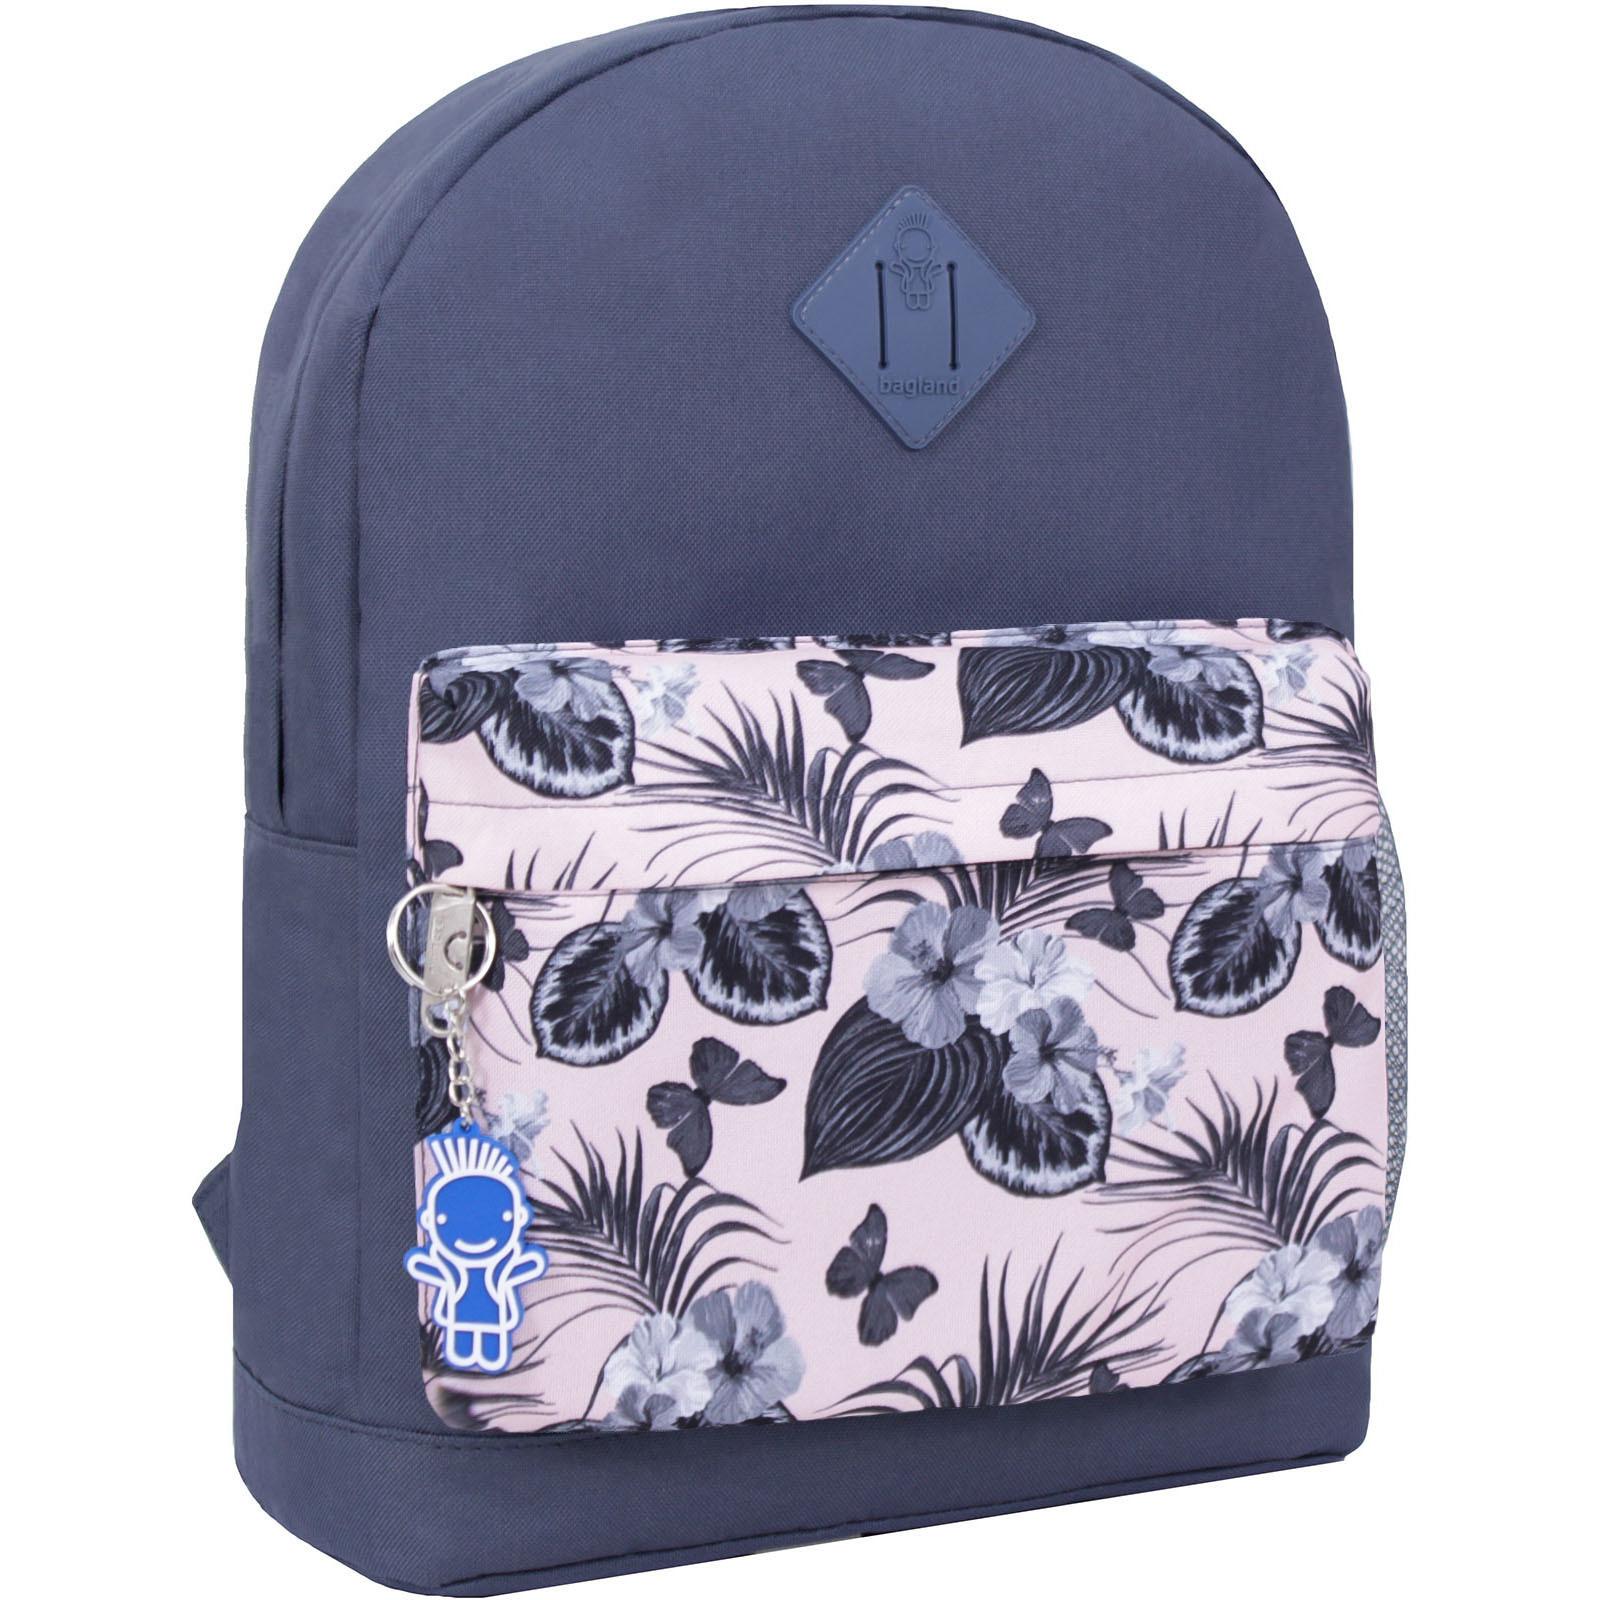 Городские рюкзаки Рюкзак Bagland Молодежный W/R 17 л. серый 458 (00533662) IMG_2563_458_-1600.jpg